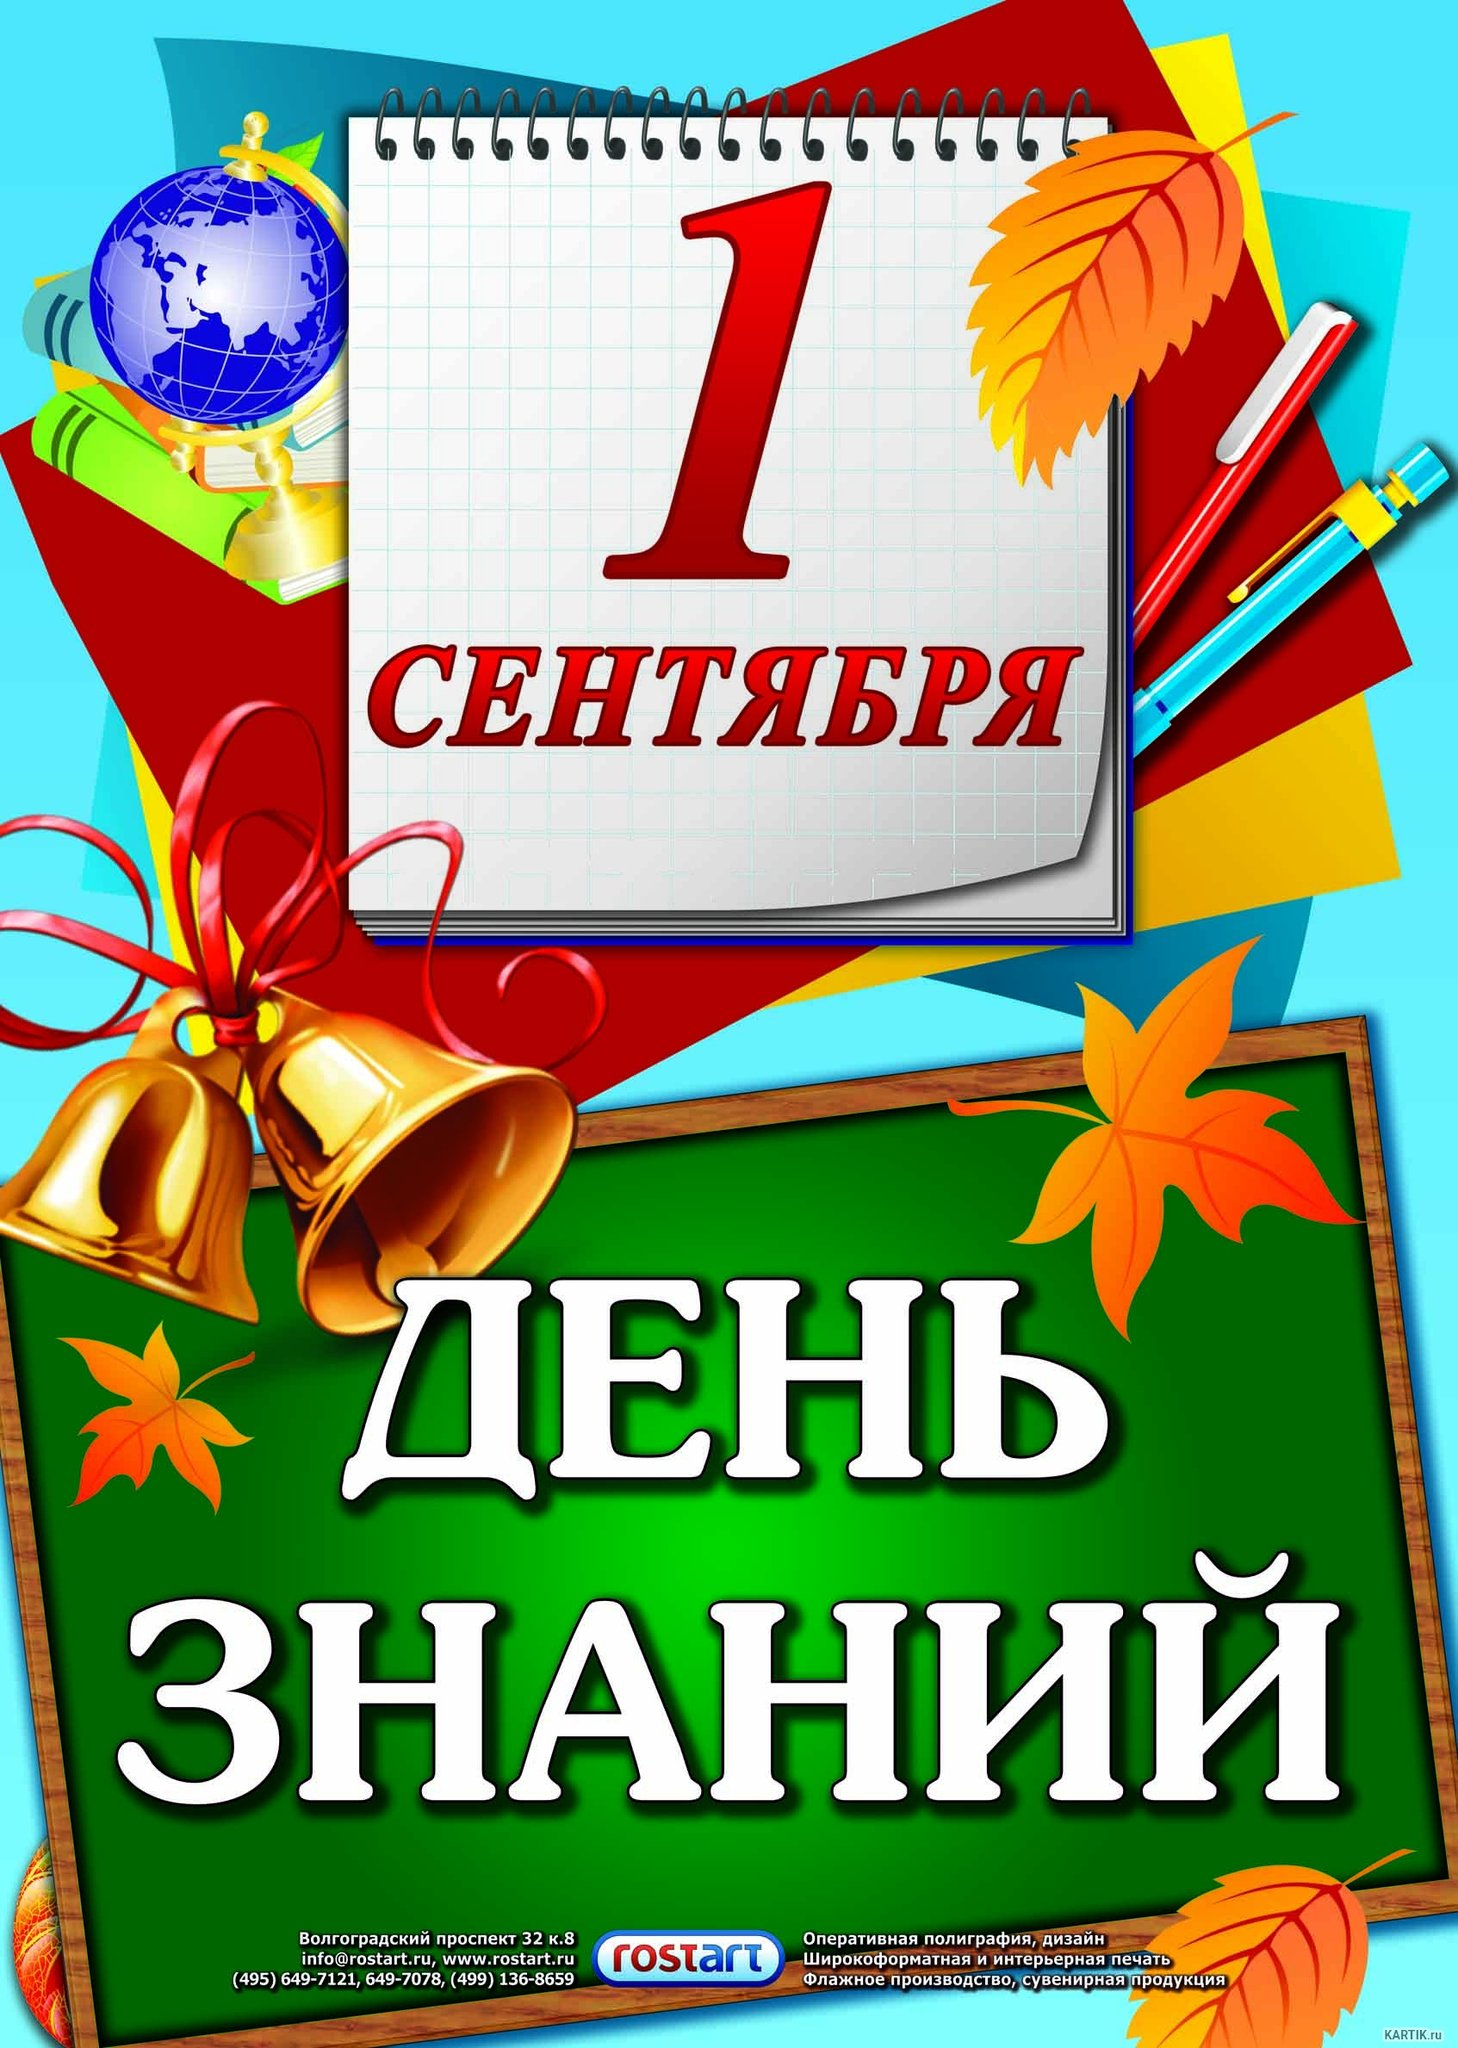 С праздником день знаний открытка, открытка мужчине